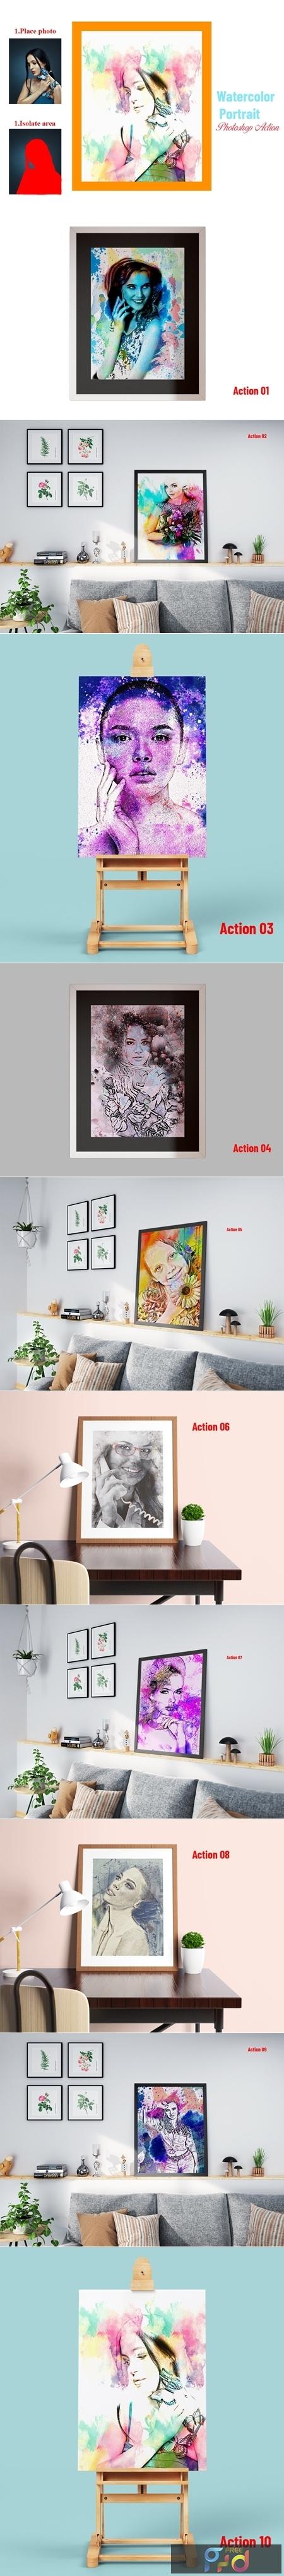 Watercolor Portrait Photoshop Action 4501392 1